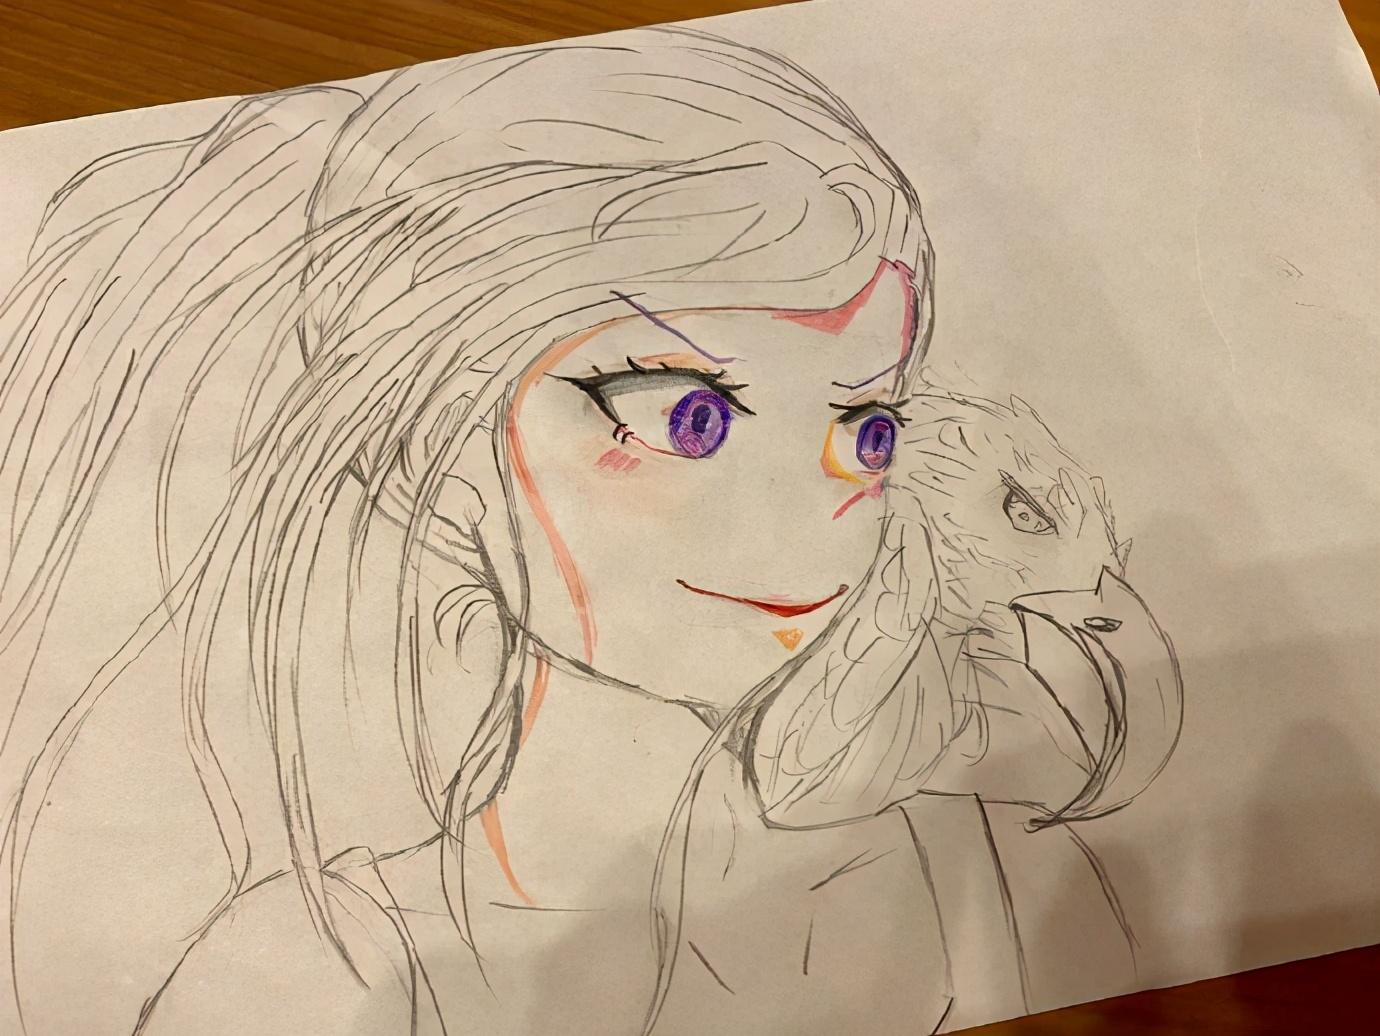 畫了一拳超人的漫畫家曬完女兒又曬兒子,兩個娃都挺有繪畫天賦